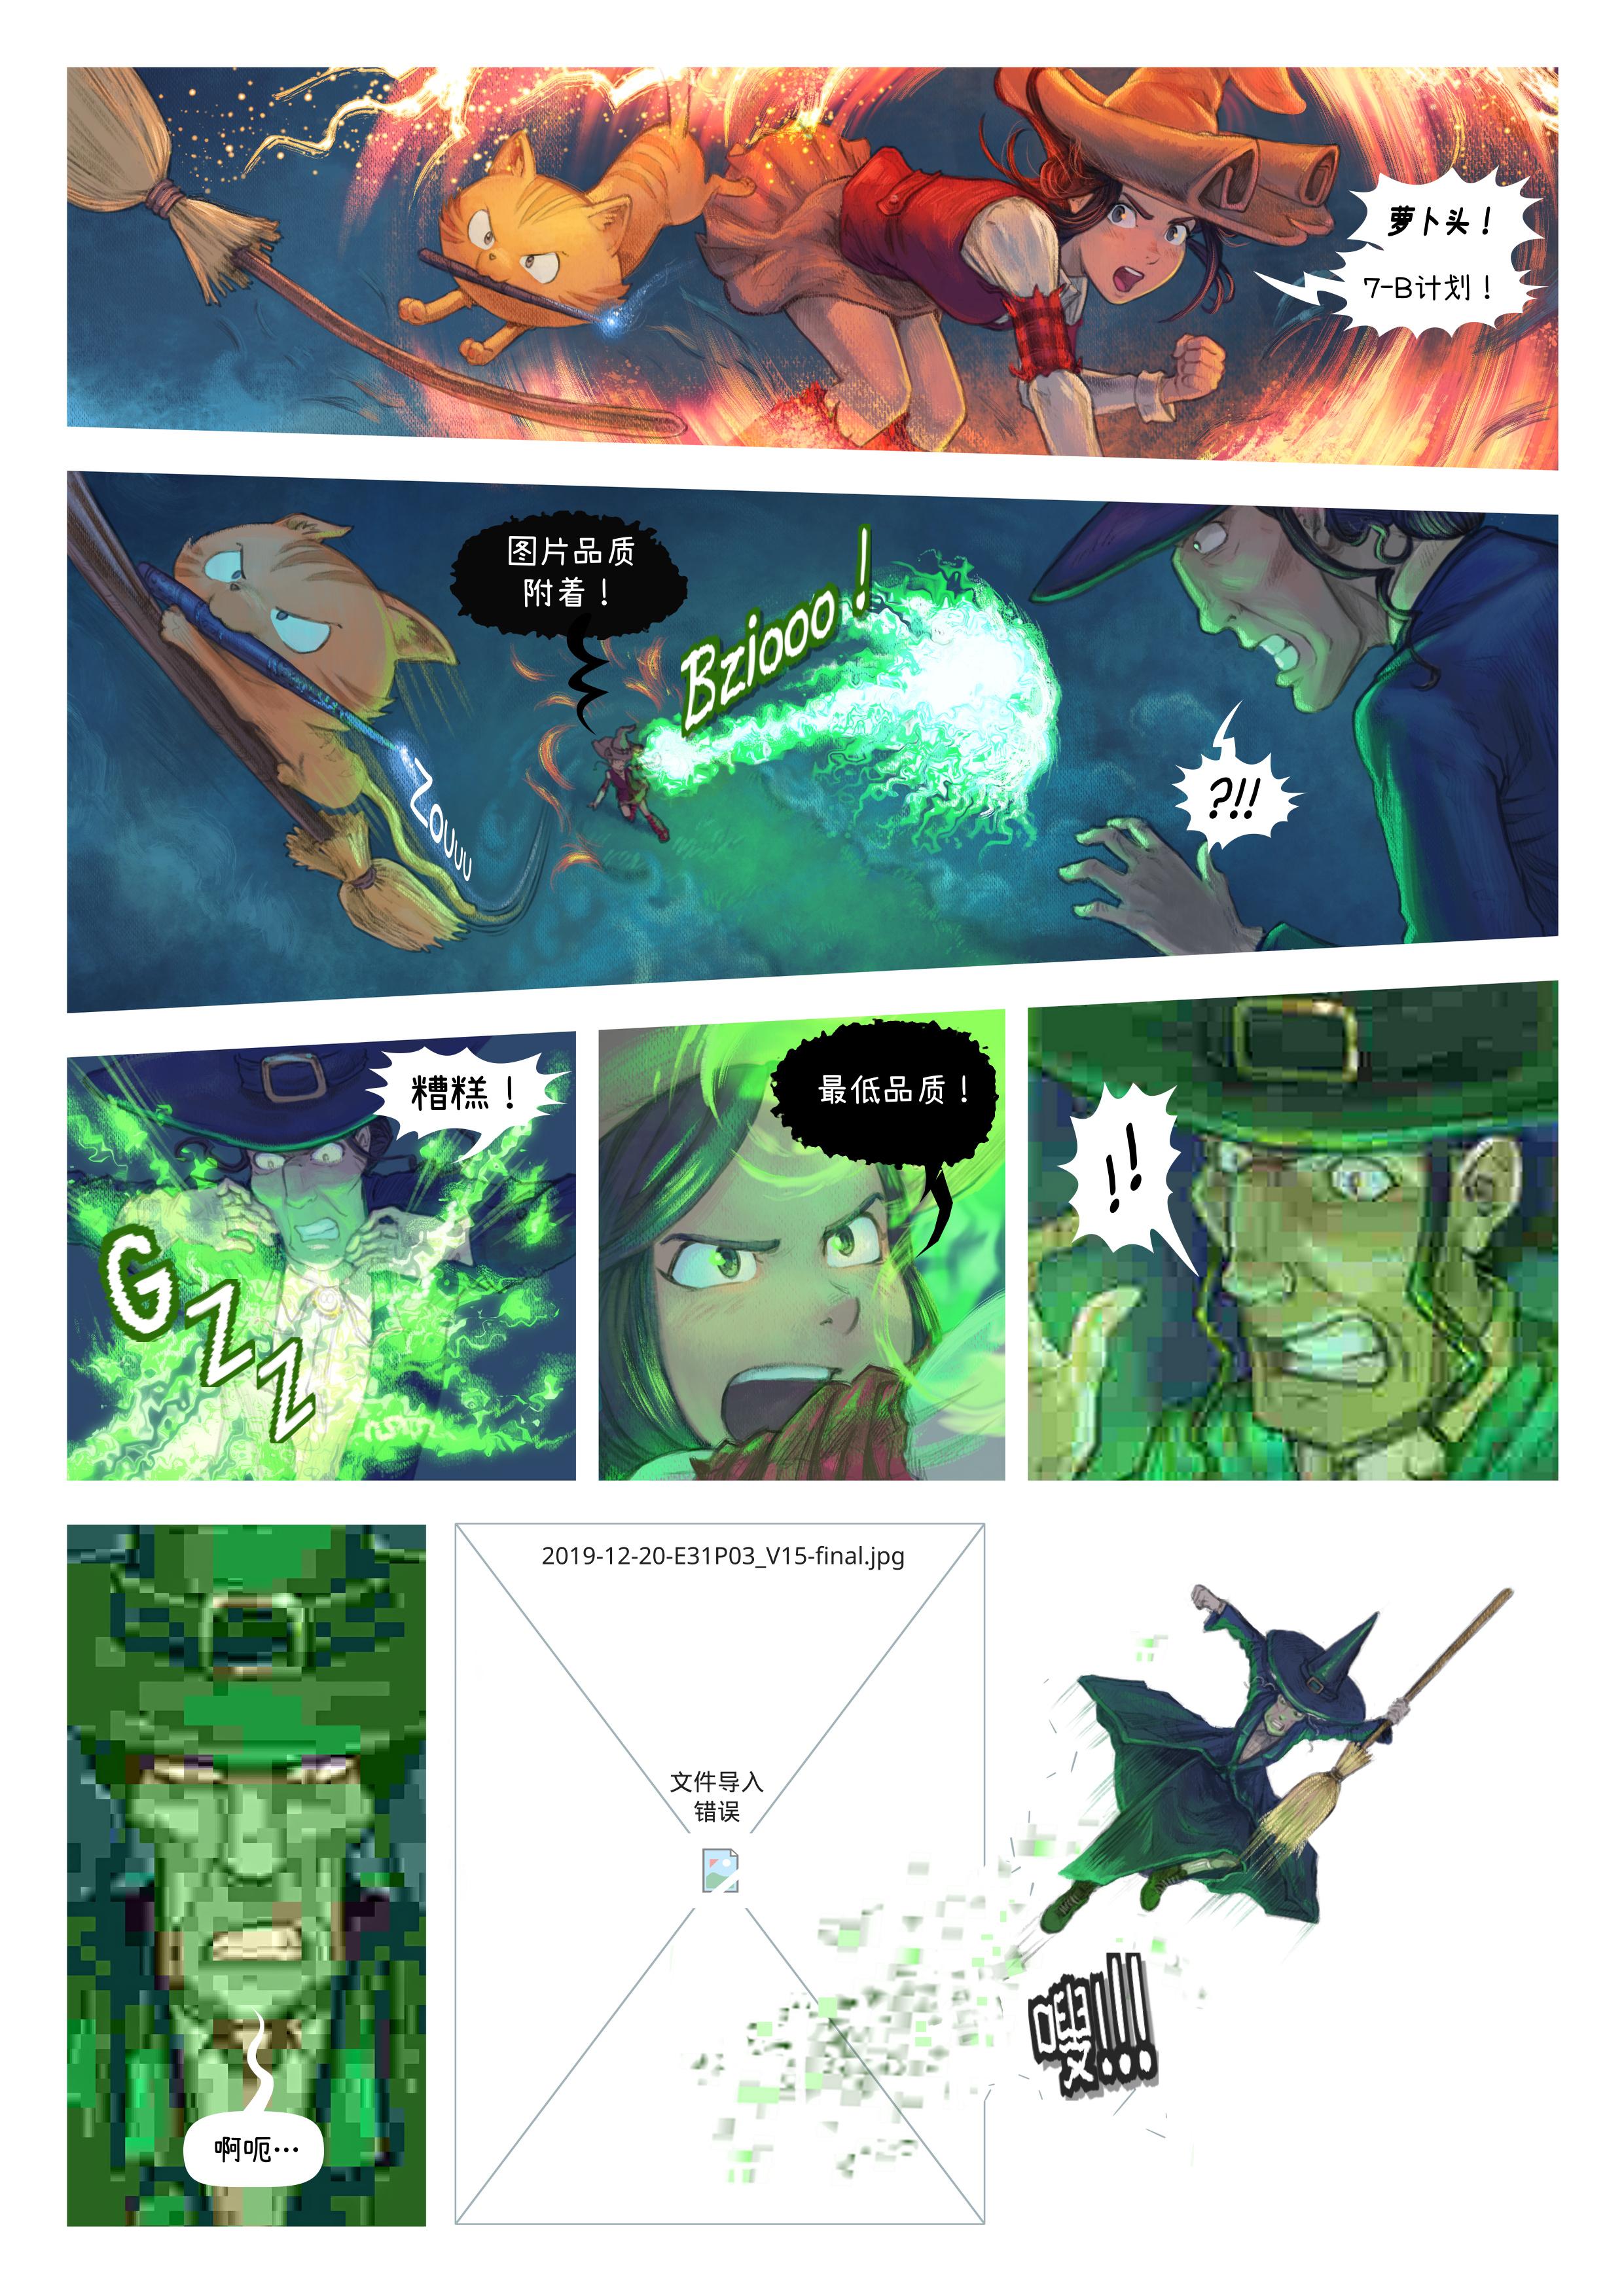 第31集:战斗, Page 3